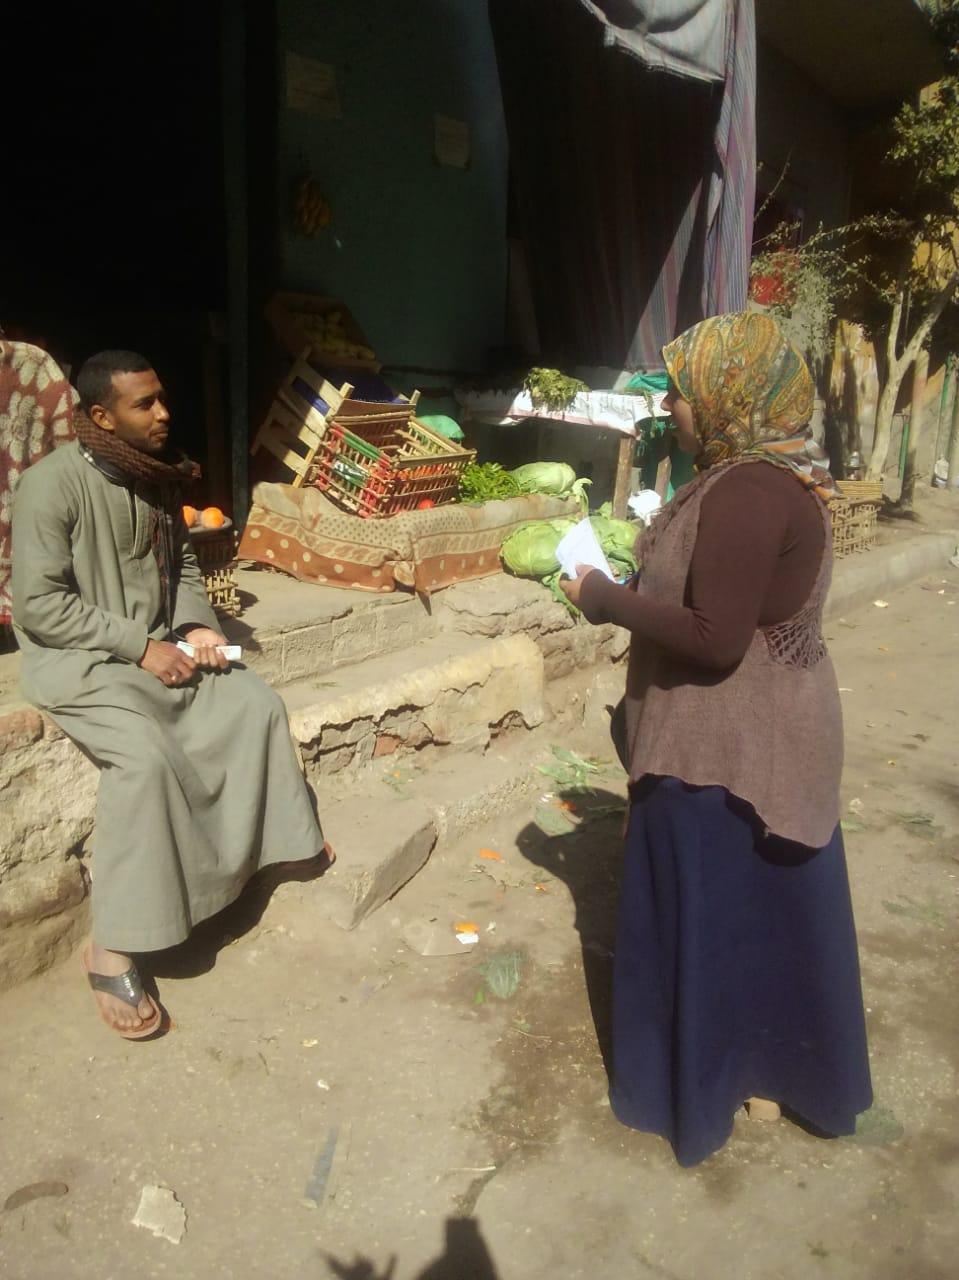 محافظة الأقصر تطلق أكبر حملة للتوعية بترشيد إستهلاك المياة في الأسبوع المائي  (1)